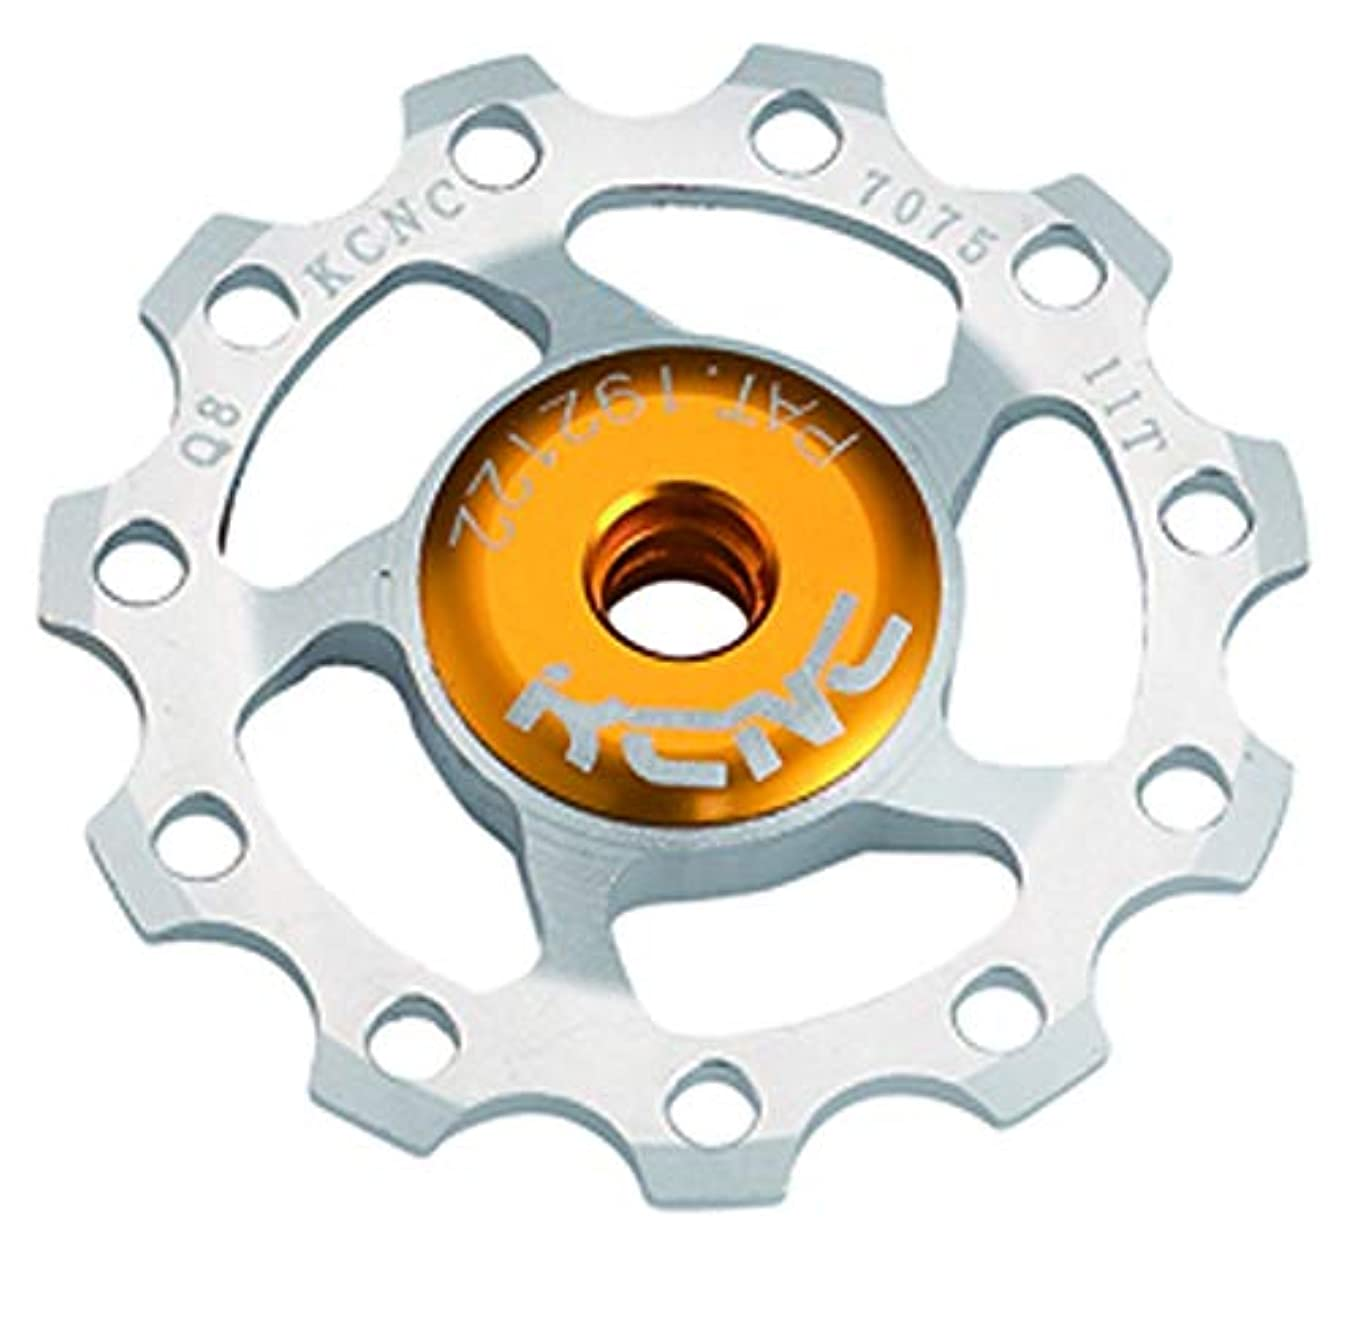 ファブリック水っぽいまともなKCNC 自転車 軽量 ベアリング内蔵 ディレーラーパーツ ジョッキーホイール 11T プーリー 11S/10S/9S シルバー 304383